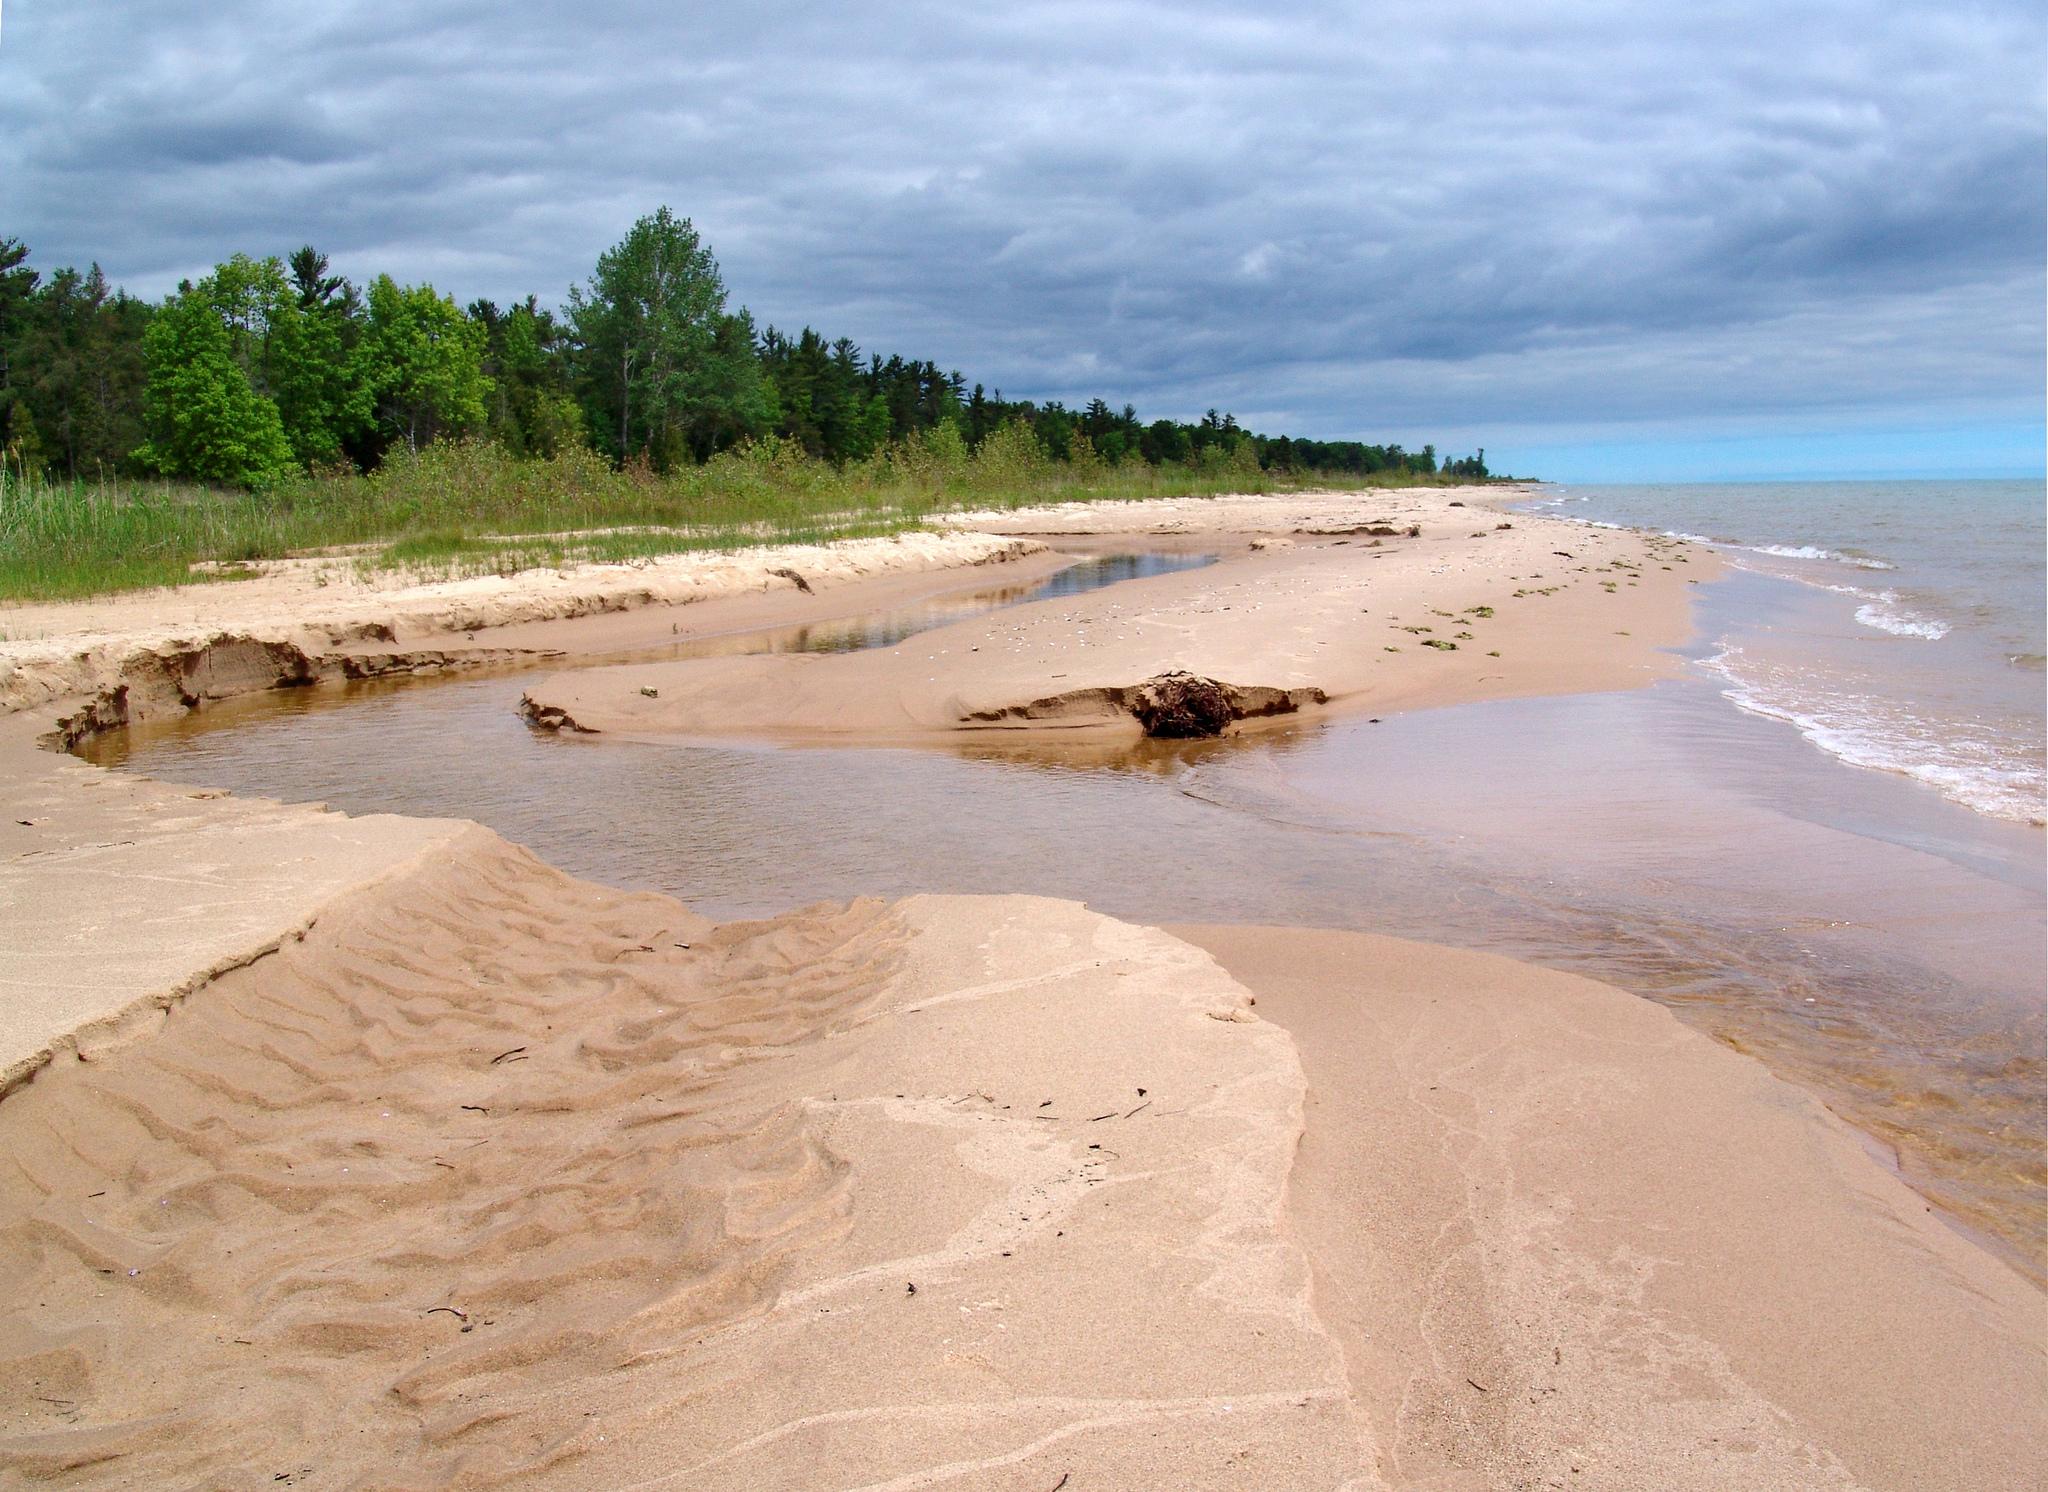 Beach at MDOT roadside park, north of Oscoda, MI. Lake Huron. Image credit: Michigan Sea Grant